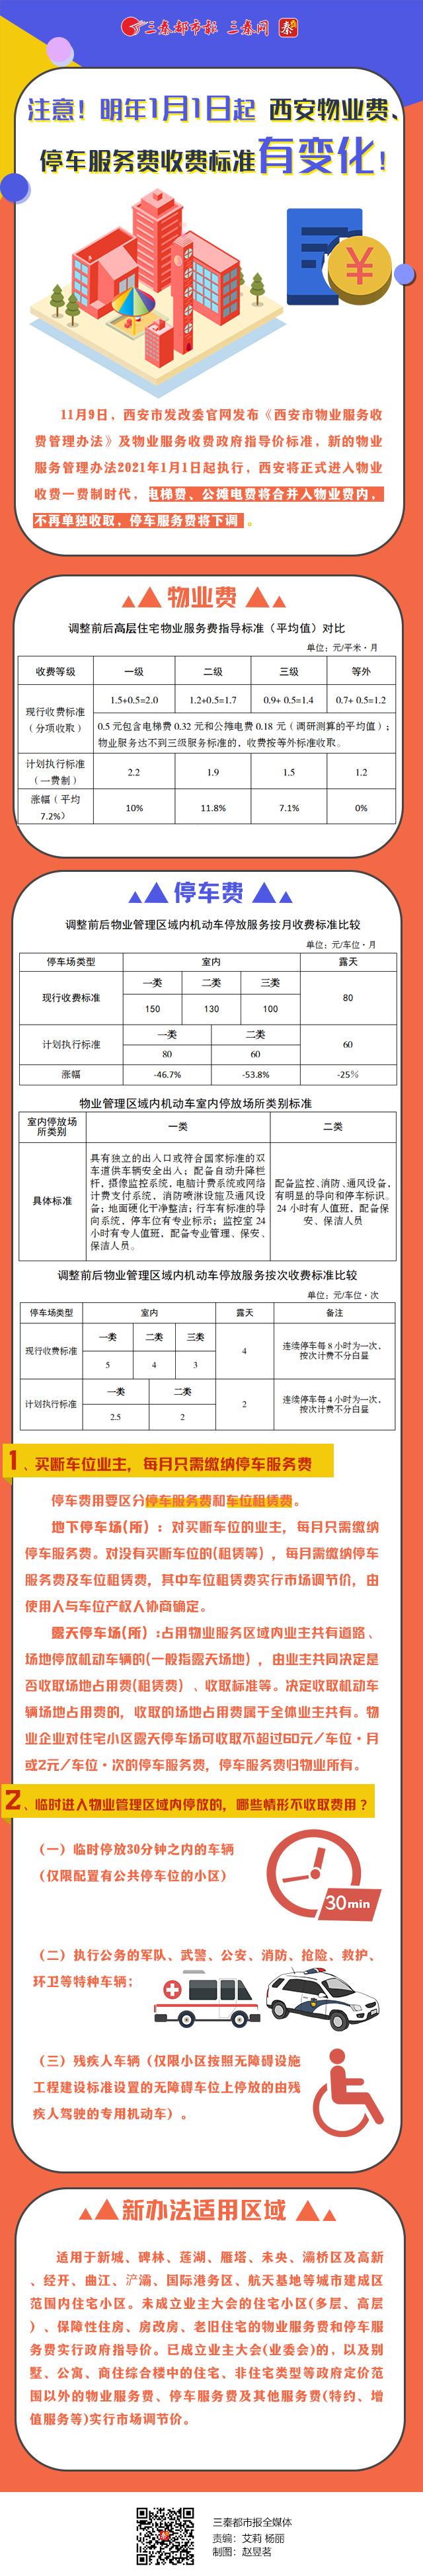 明年1月1日起 西安物业费、停车服务费收费标准有变化